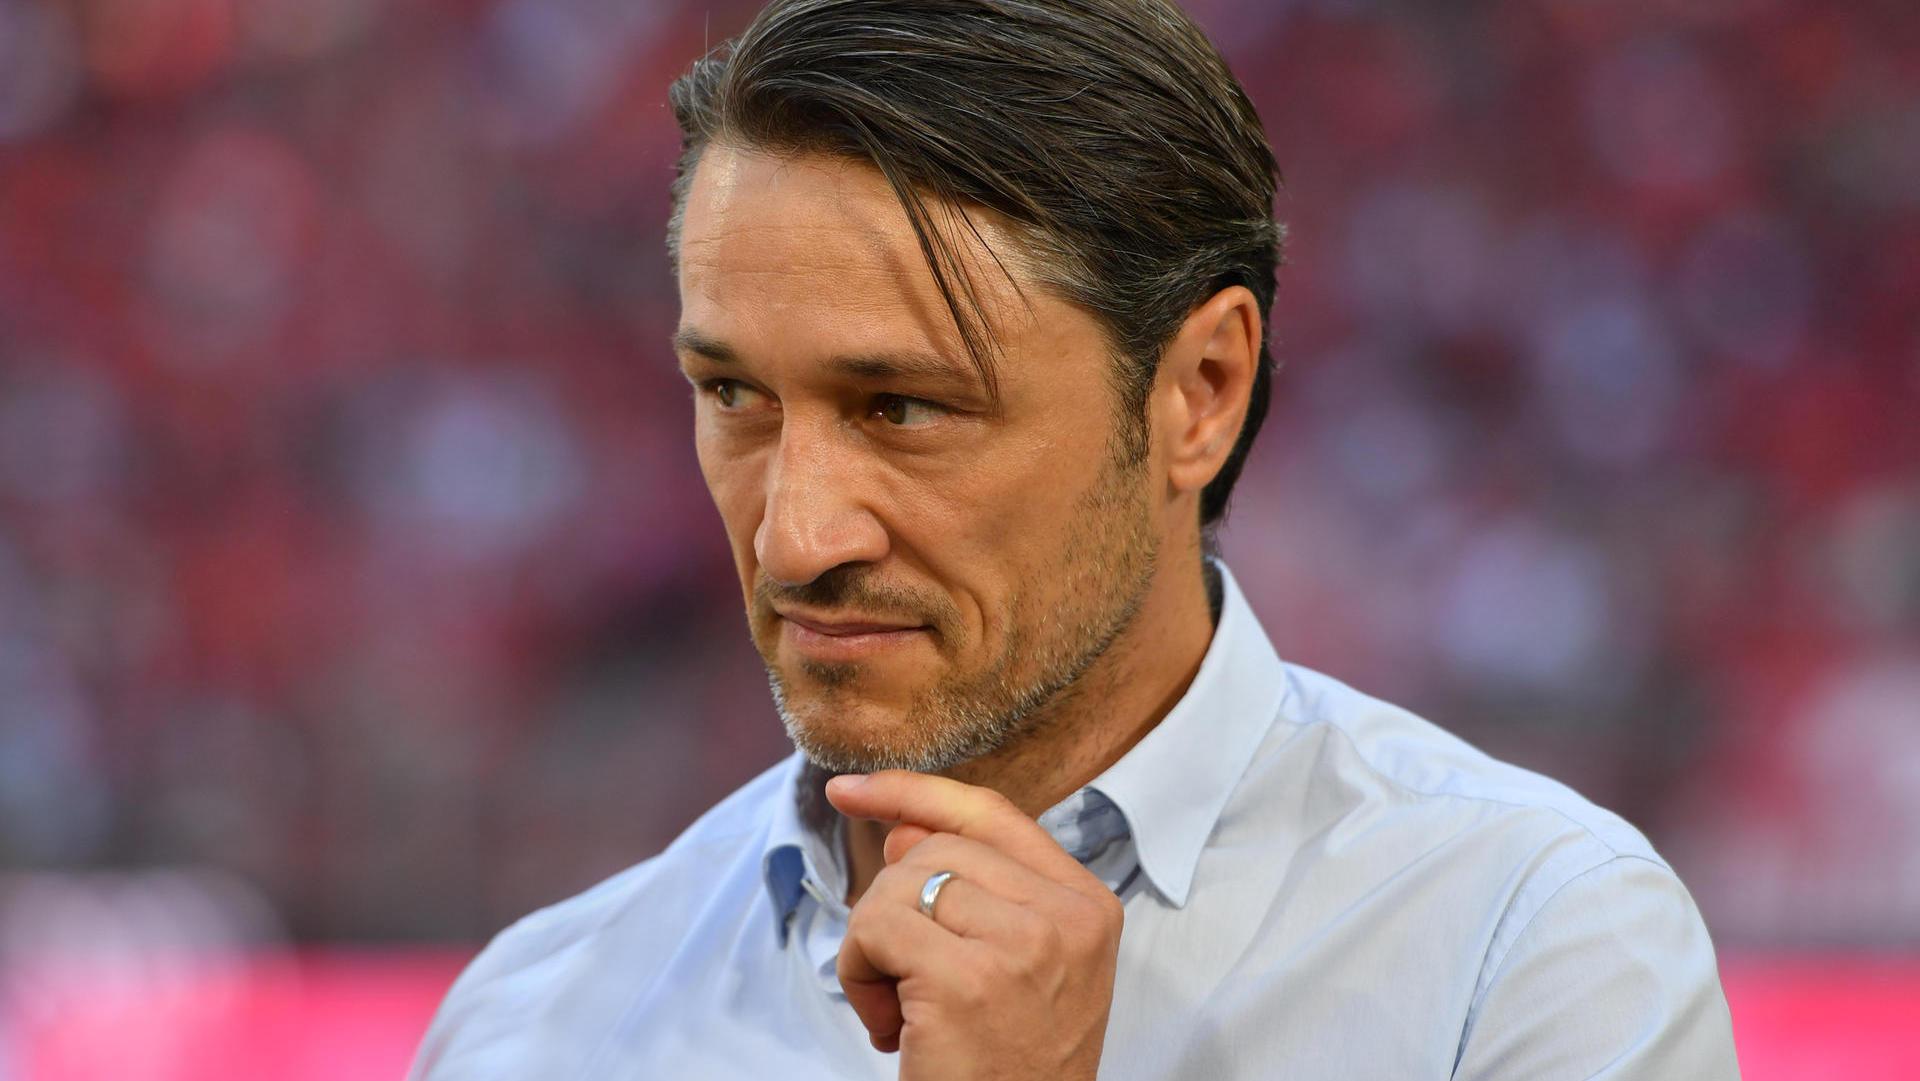 Niko Kovac wechselt in die Ligue 1 und wird neuer Trainer beim AS Monaco